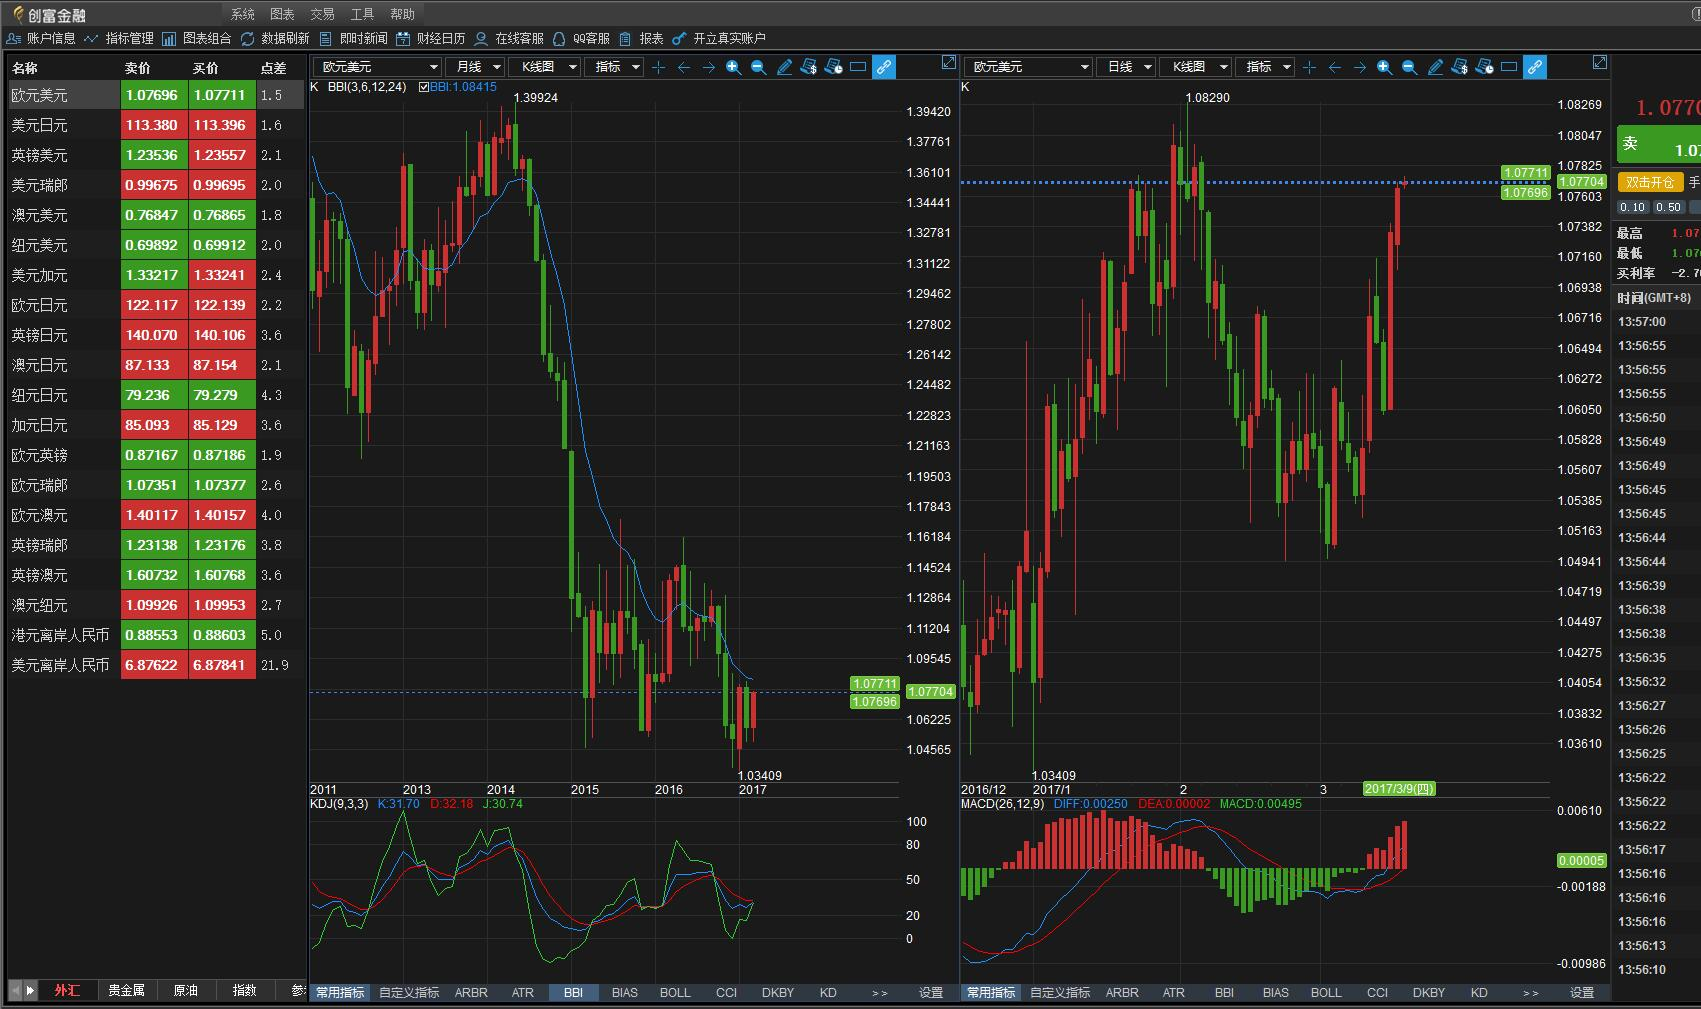 创富金融CFD交易平台截图2